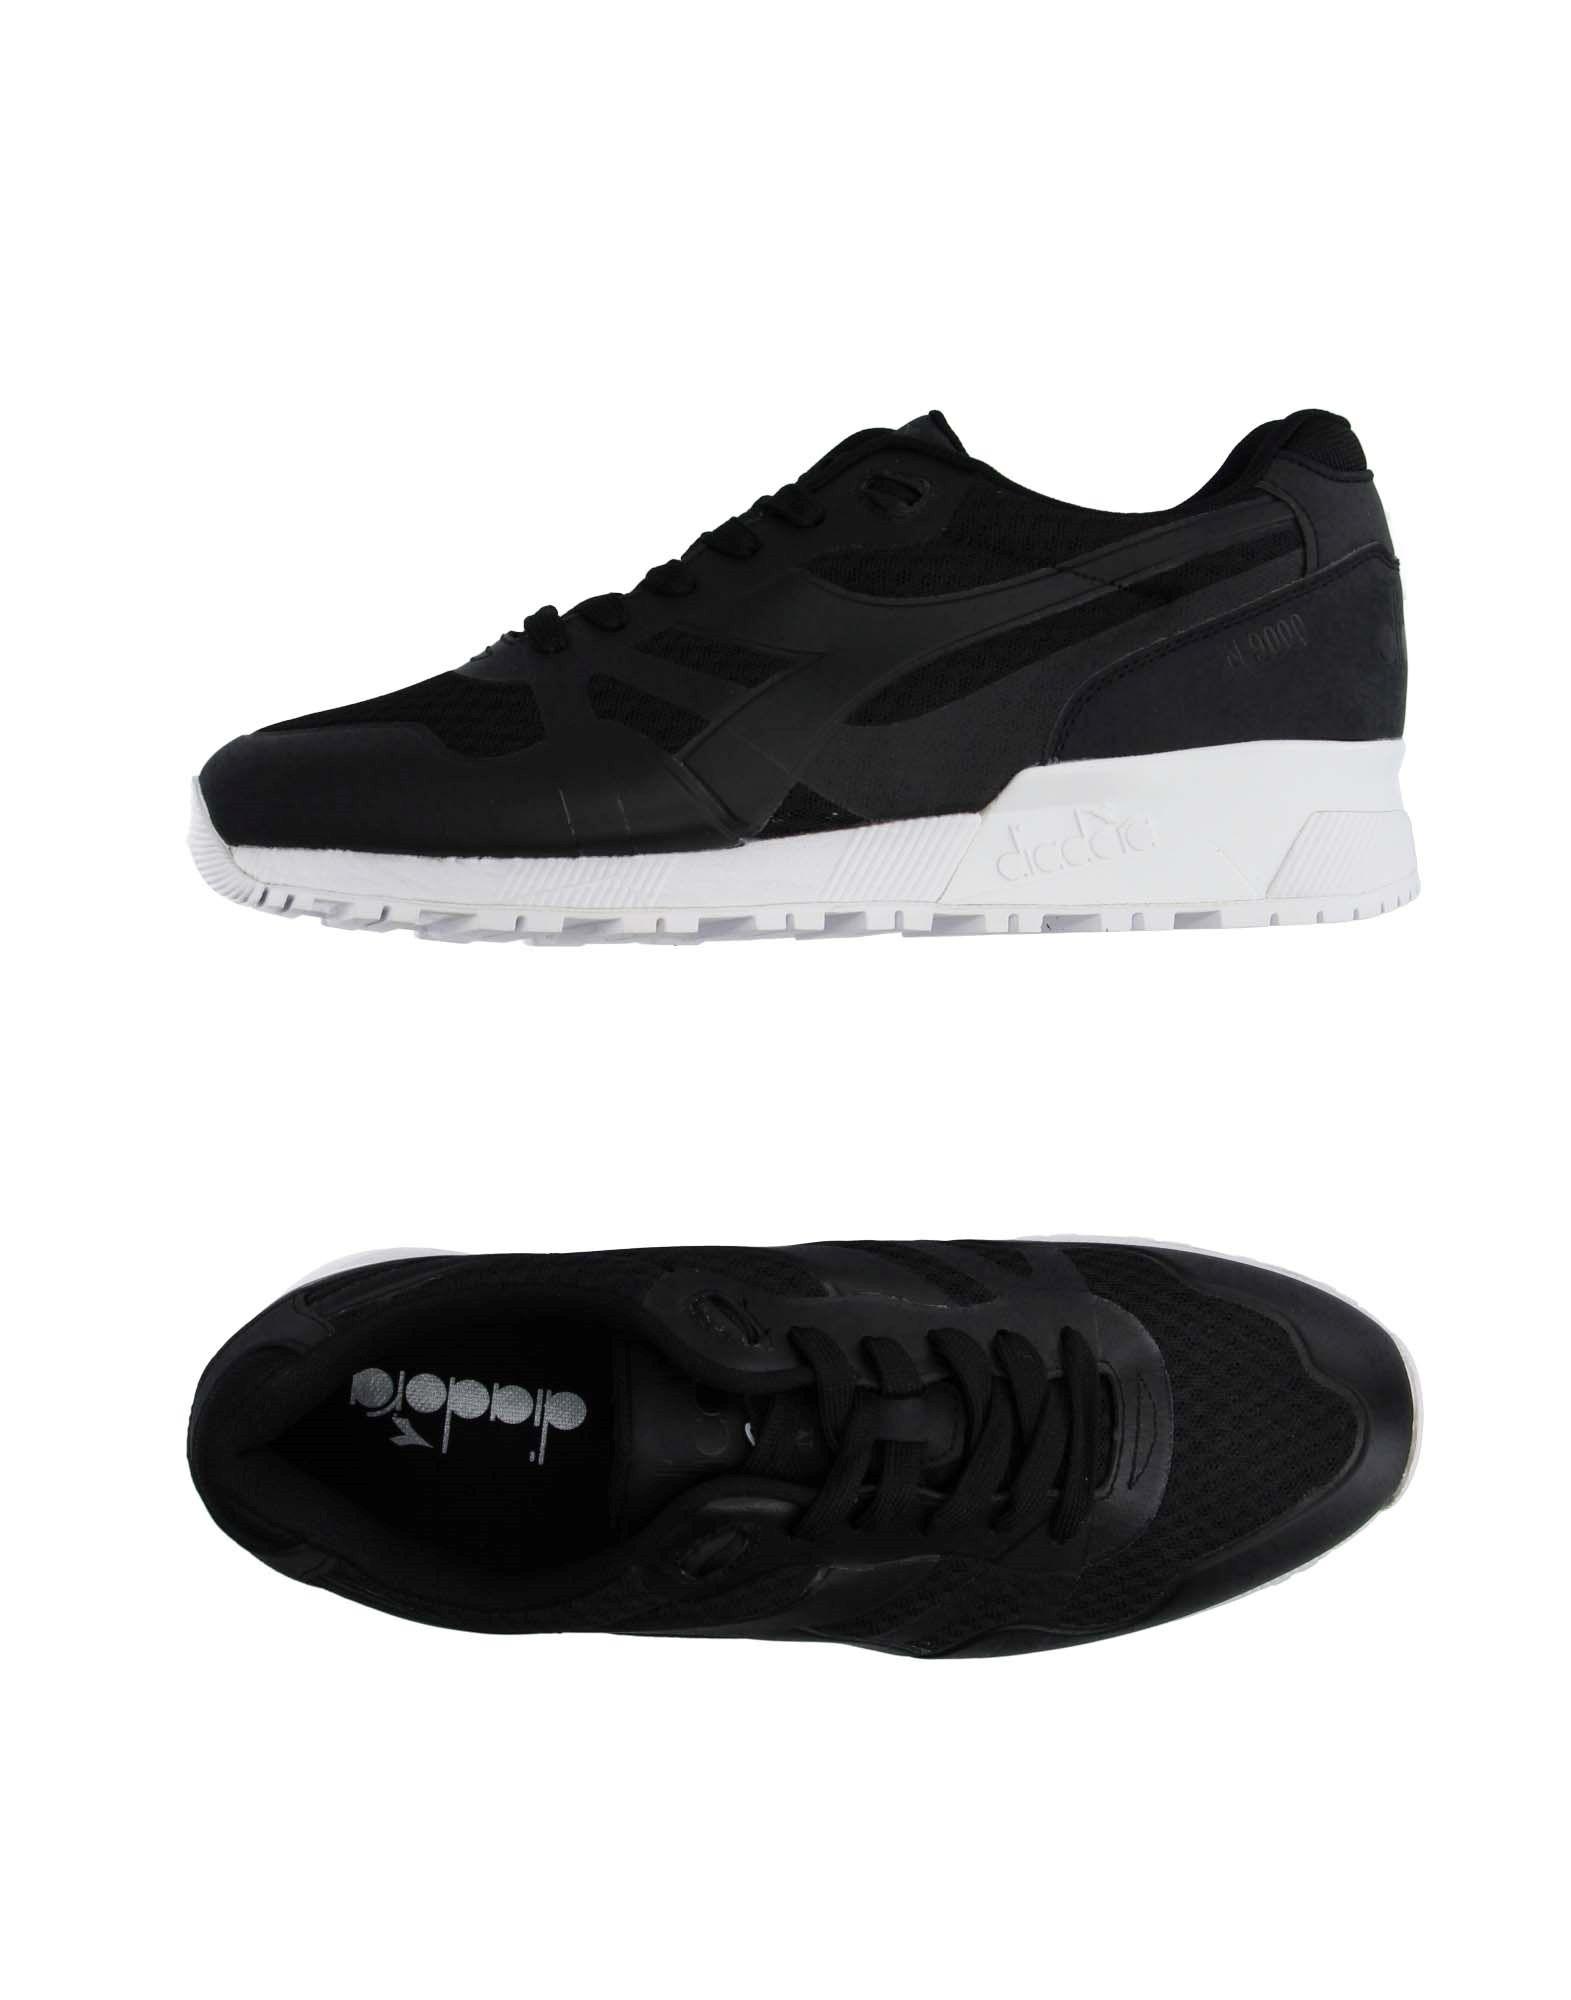 Rabatt Herren echte Schuhe Diadora Sneakers Herren Rabatt  11039009SE 5a1f43